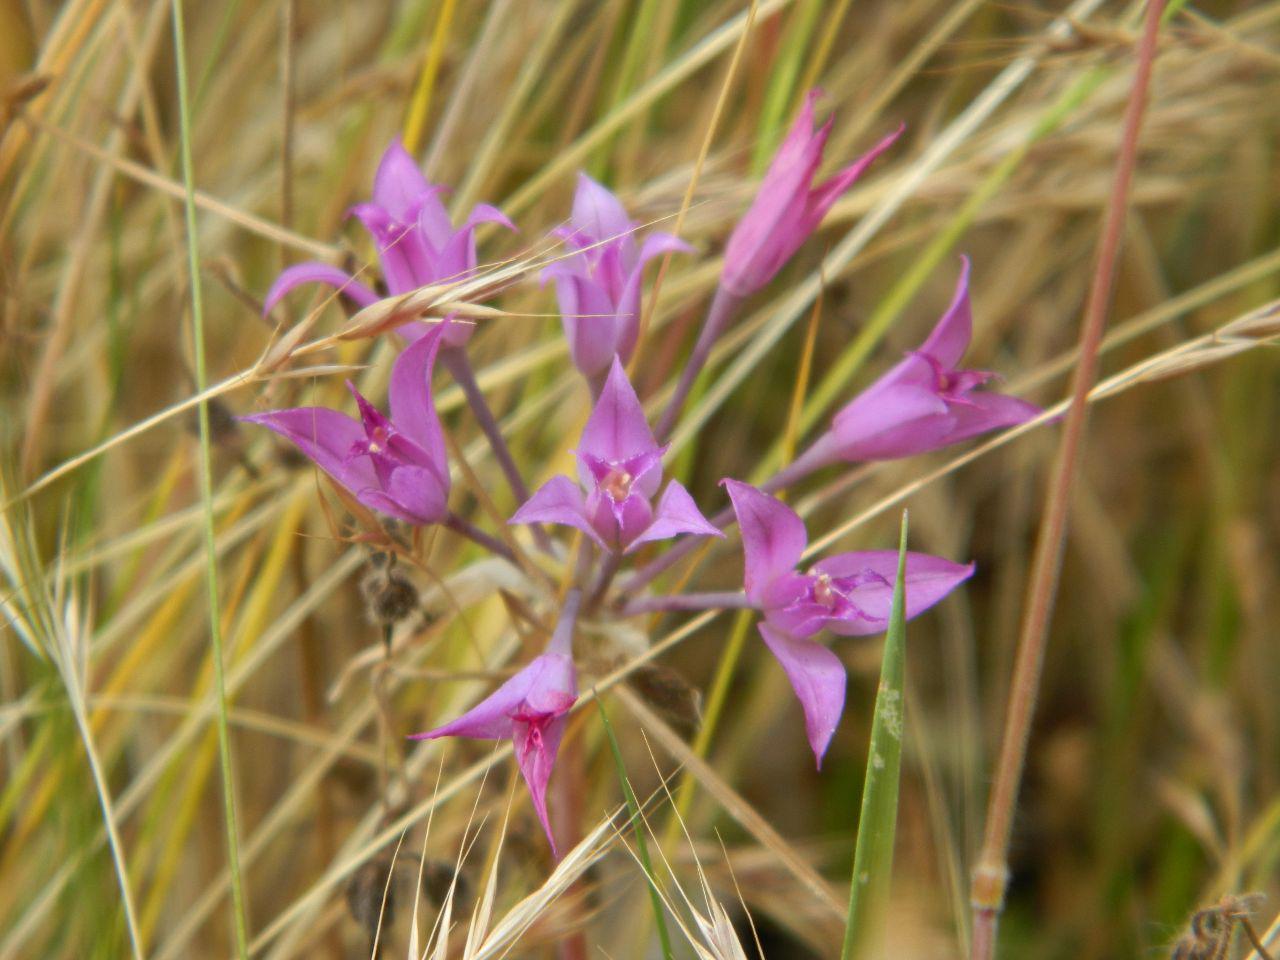 Hooker's Onion - Allium acuminatum